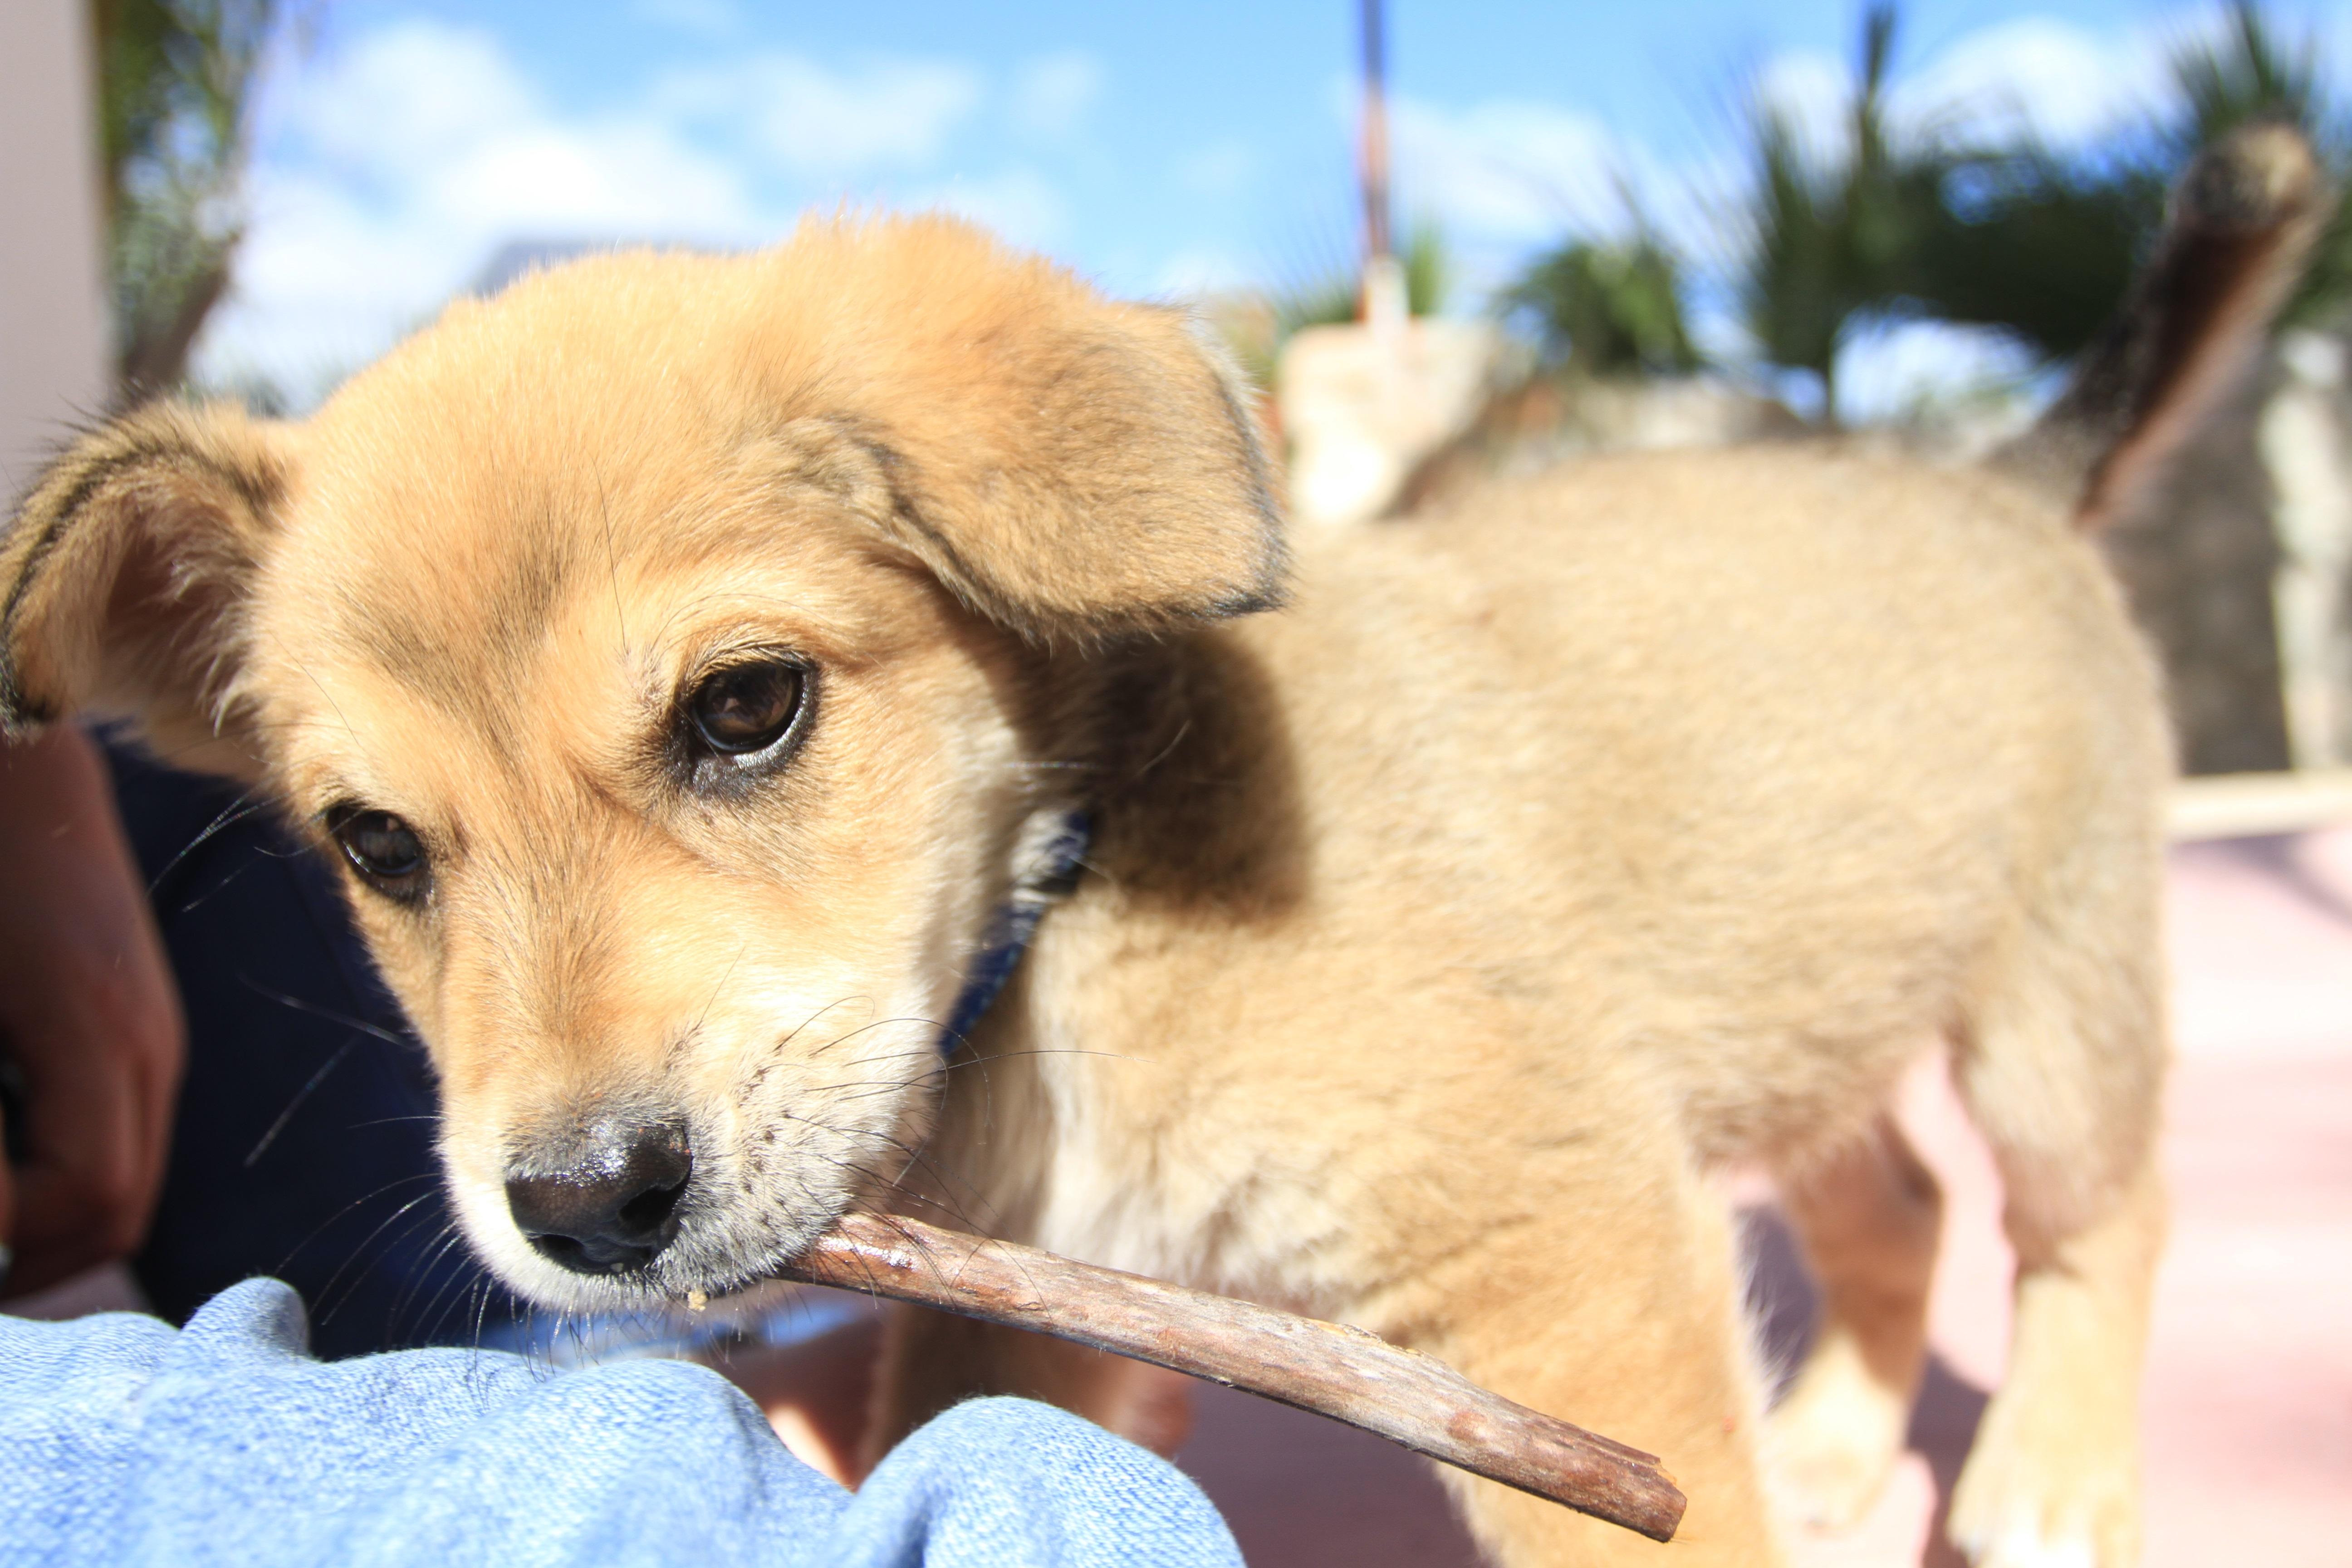 Bandito the Baja perro